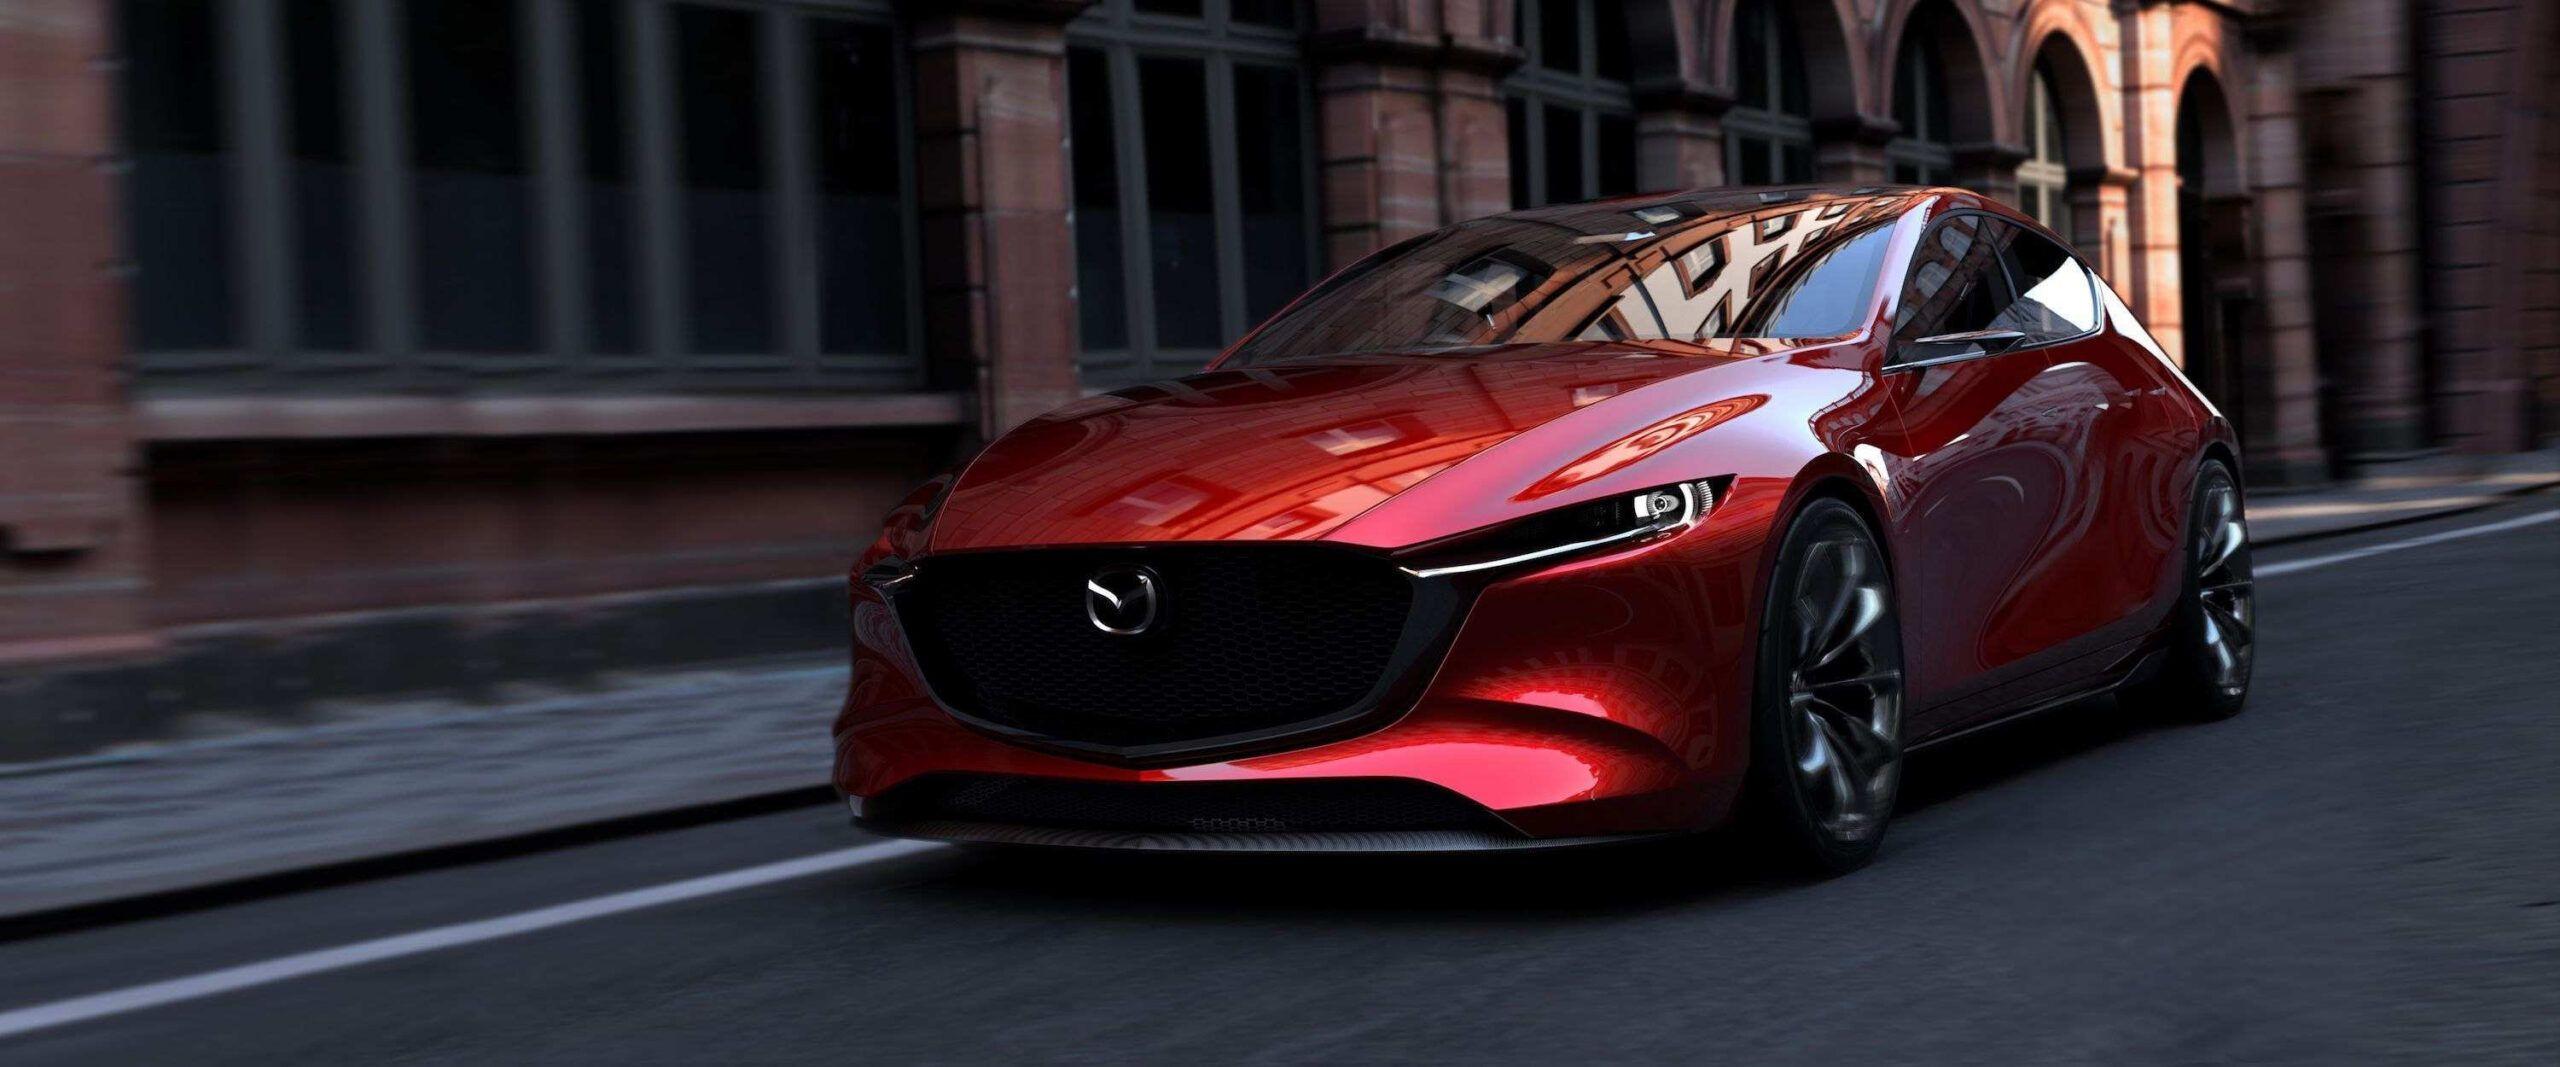 Mazda 3 2020 Lanzamiento Price And Release Date Di 2020